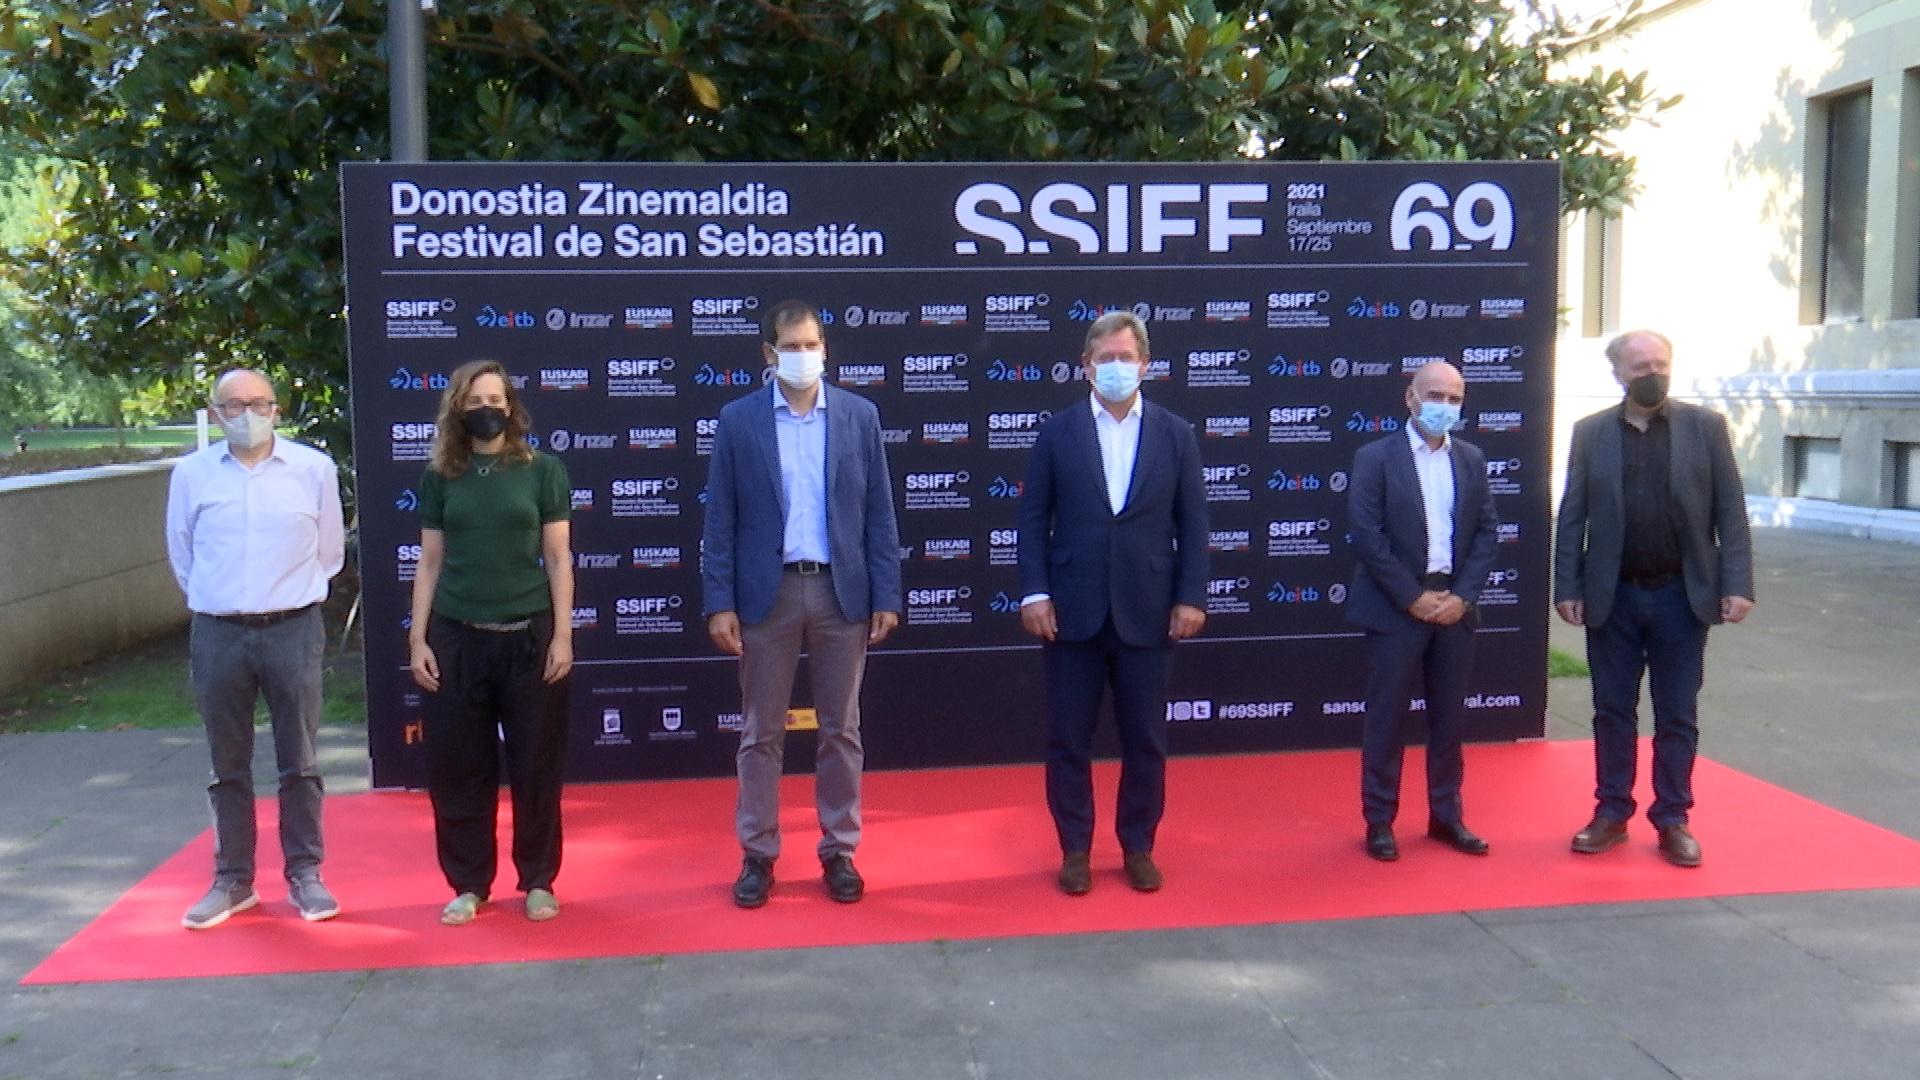 Bingen Zupiria asiste a la presentación del cine vasco de la 69 edición del Festival de San Sebastián [11:56]